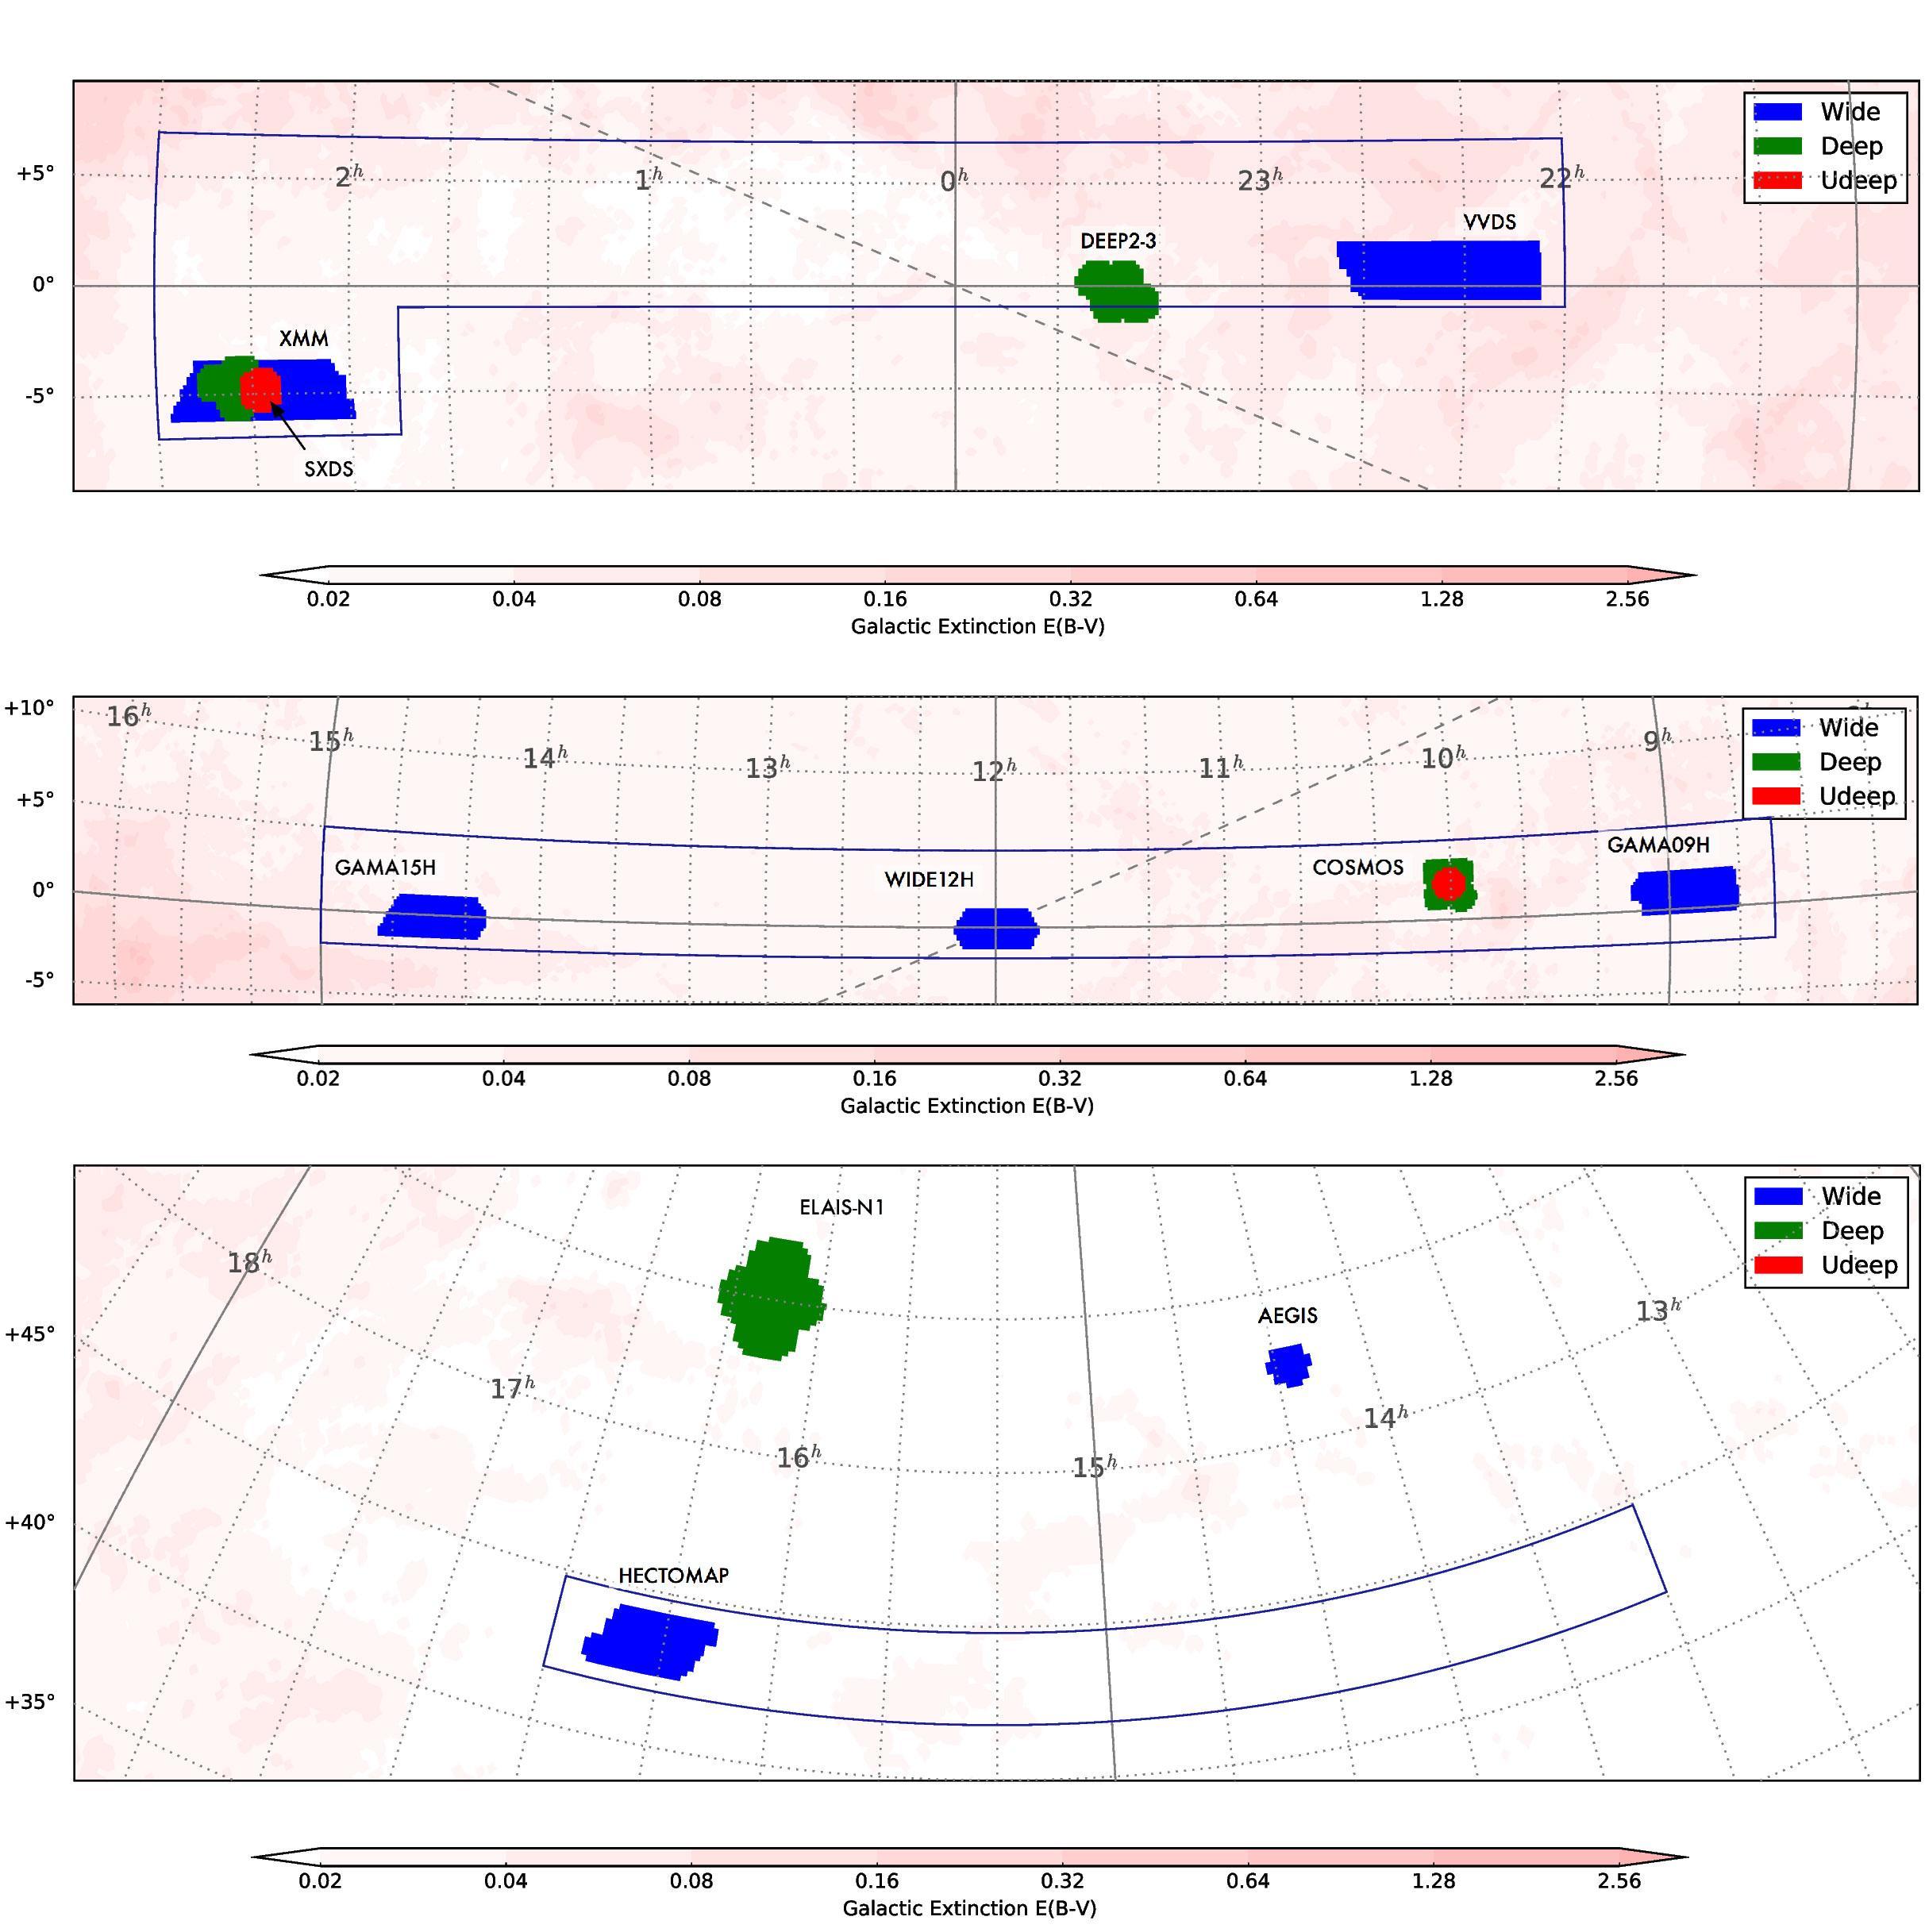 超広視野主焦点カメラ HSC による大規模観測データ、全世界に公開開始 図4